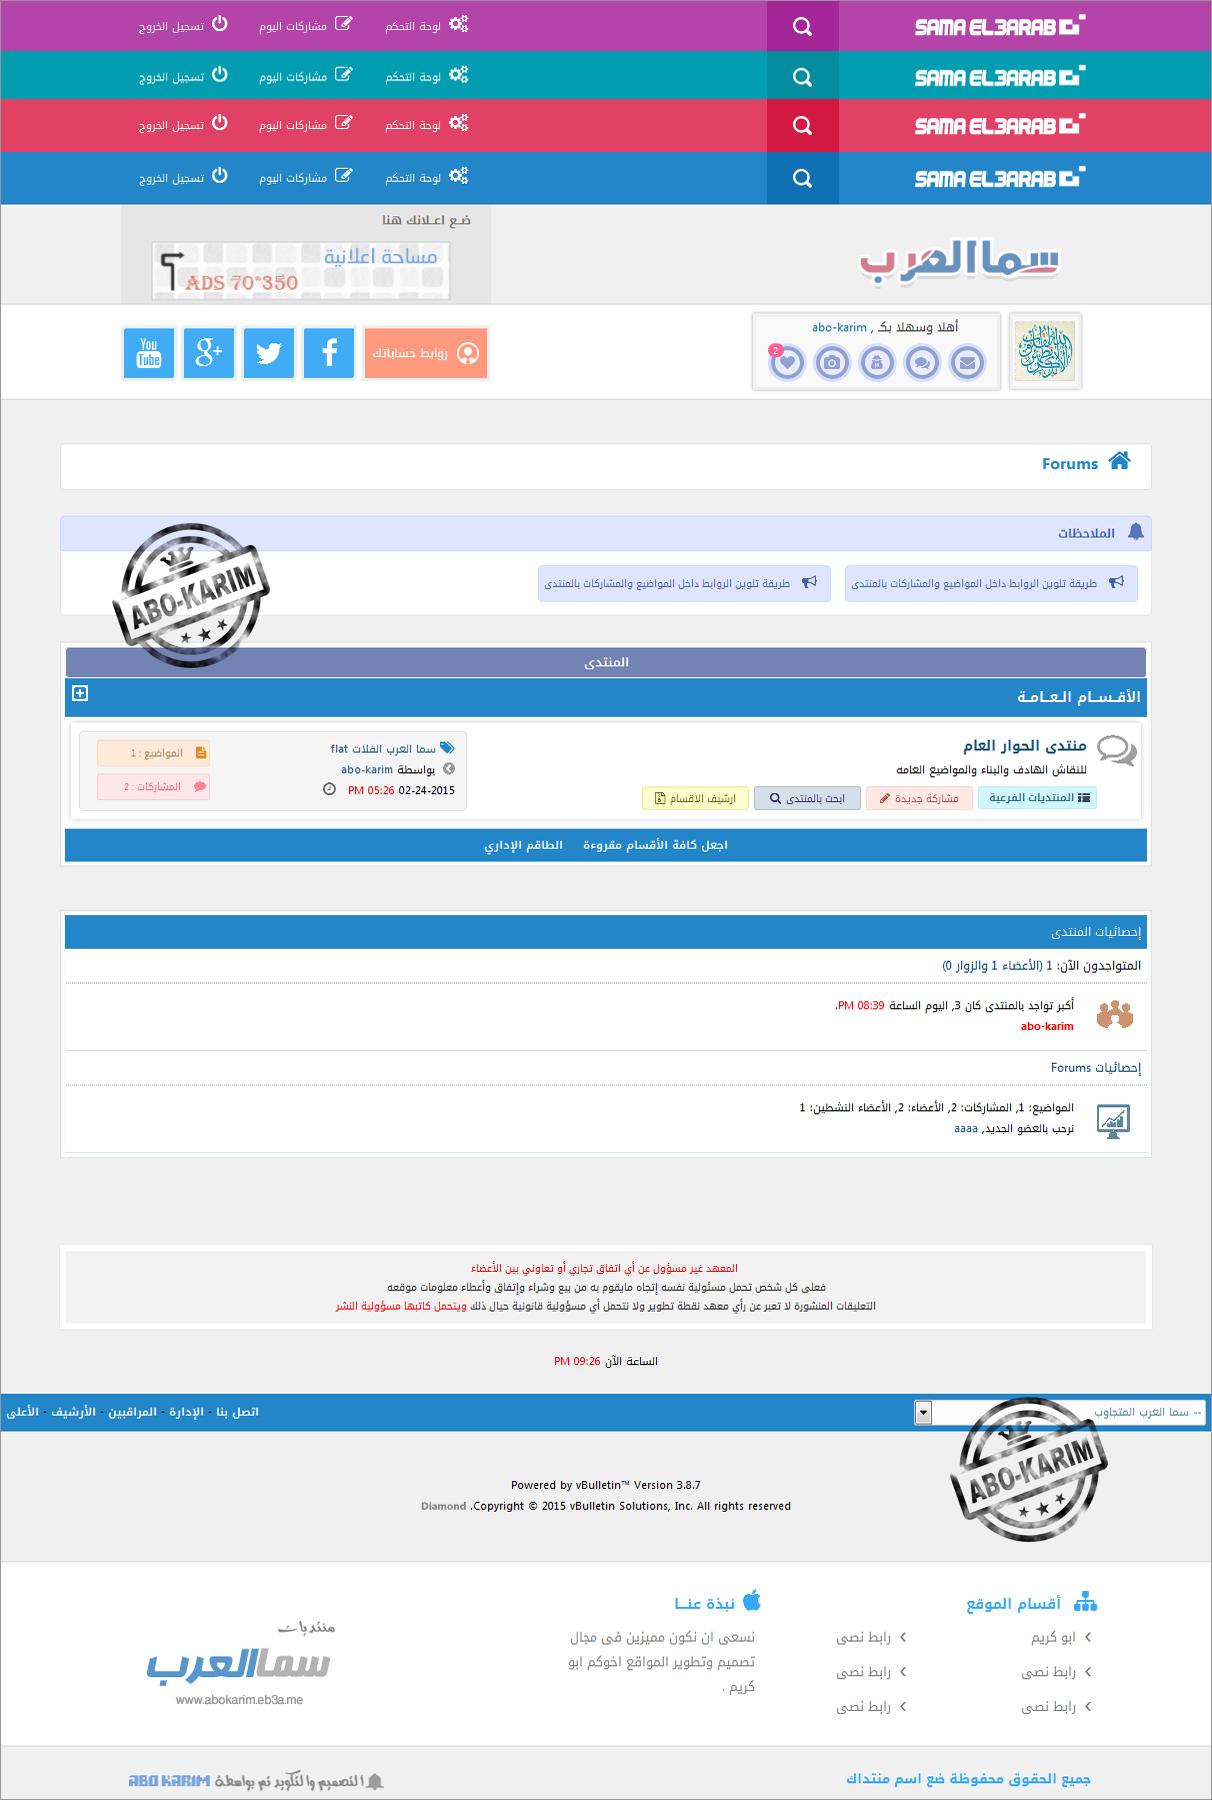 استايل سما العرب المتجاوب مع الجوال وكافة المتصفحات والأجهزة 5519-cached.png